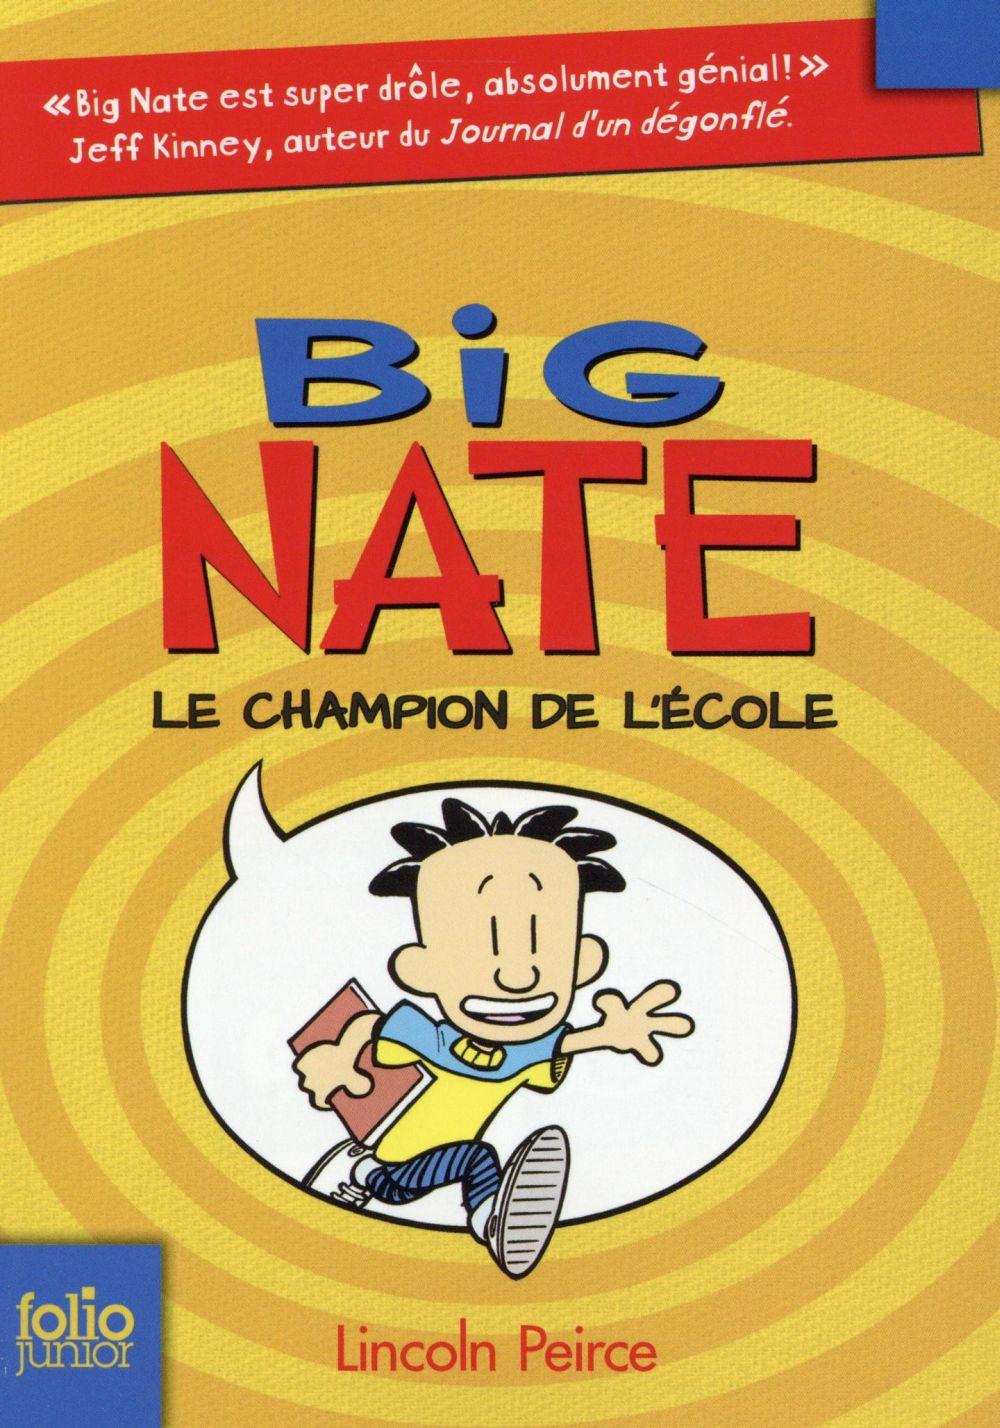 BIG NATE - T1735 - BIG NATE, LE CHAMPION DE L'ECOLE